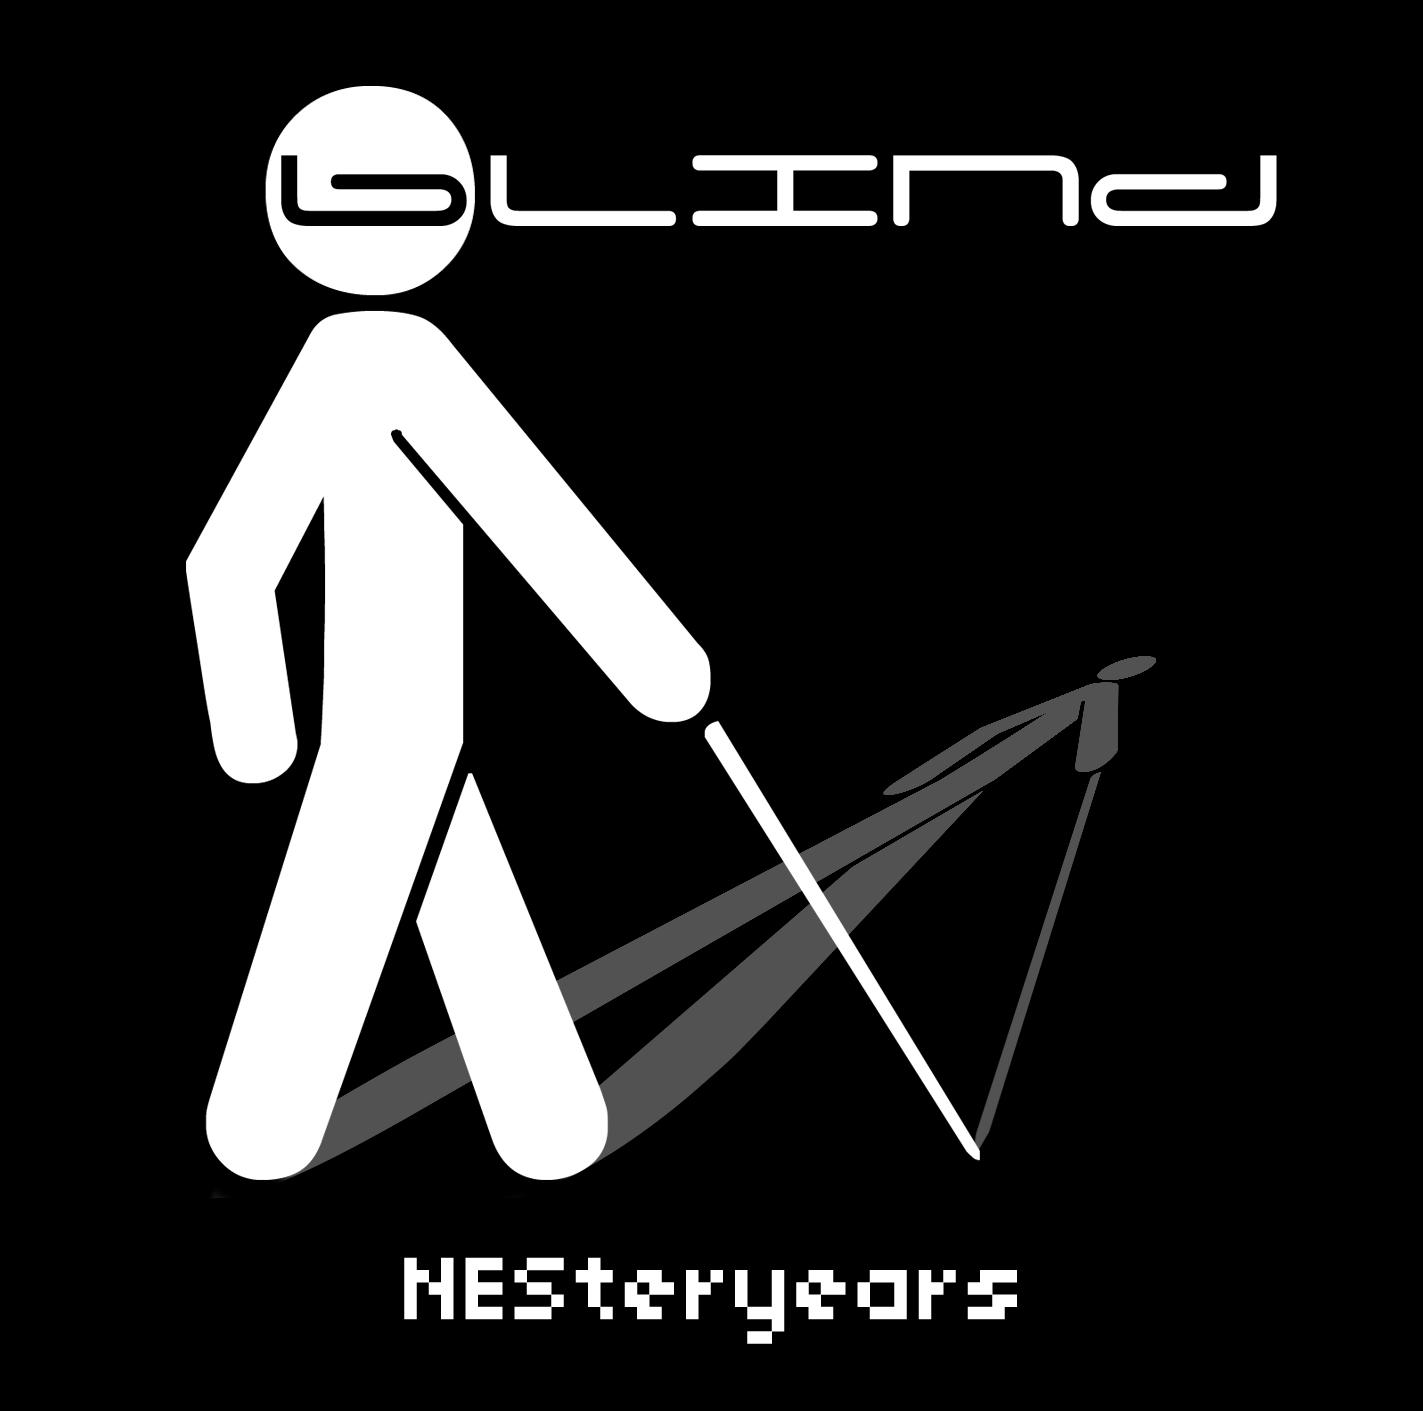 bLiNd | NESteryears